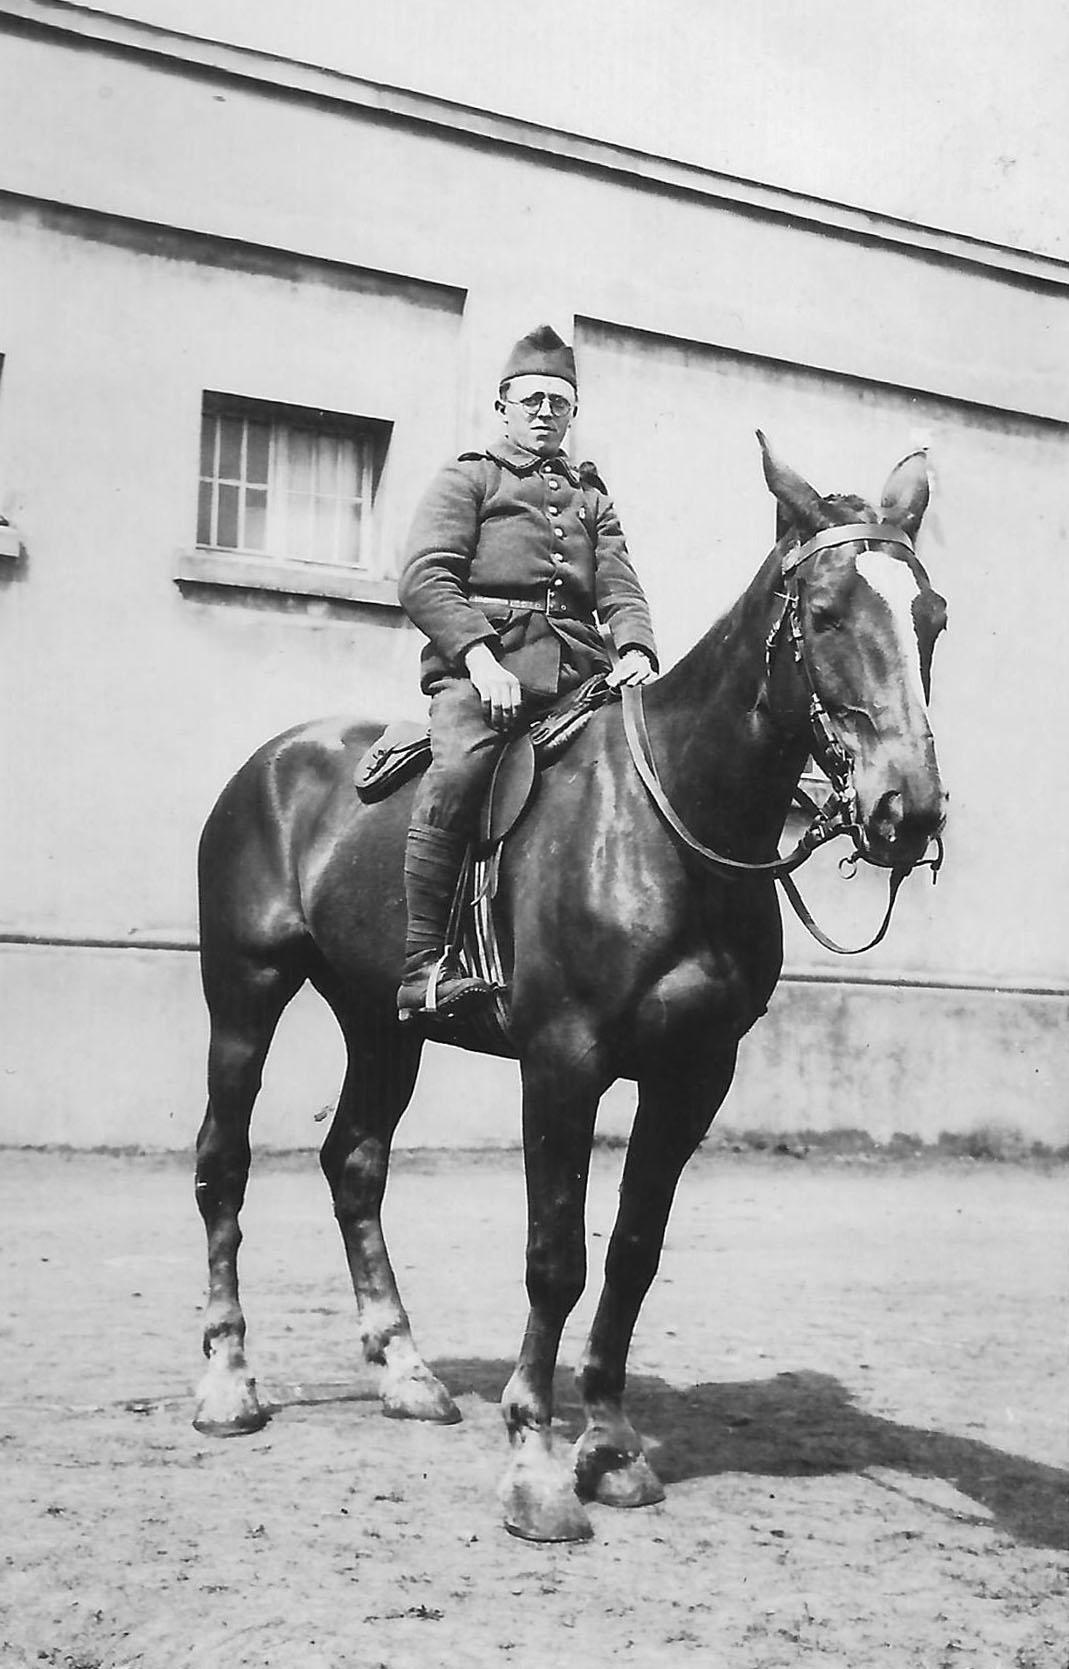 Militaires - Guerre 1939-1945 - REMARS Henri - Mon père - Prisonnier en Allemagne (Marie-Yvonne Mersanne)